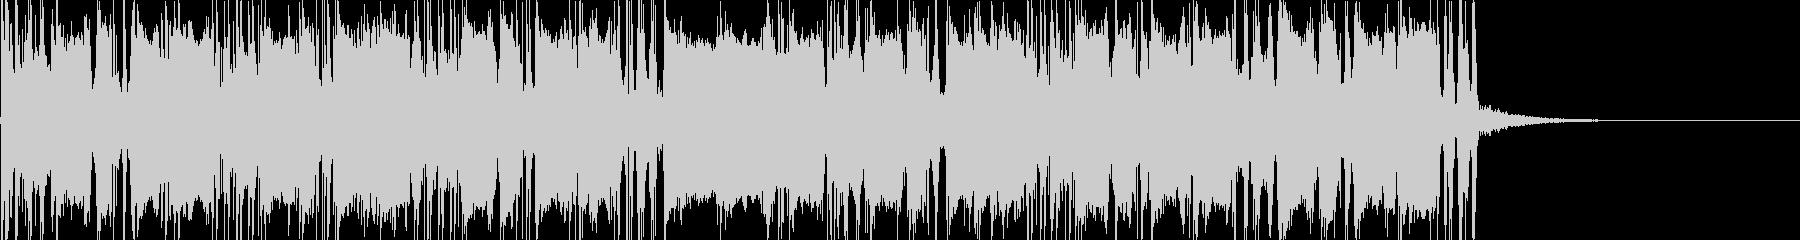 カッティングギターのダブルの未再生の波形